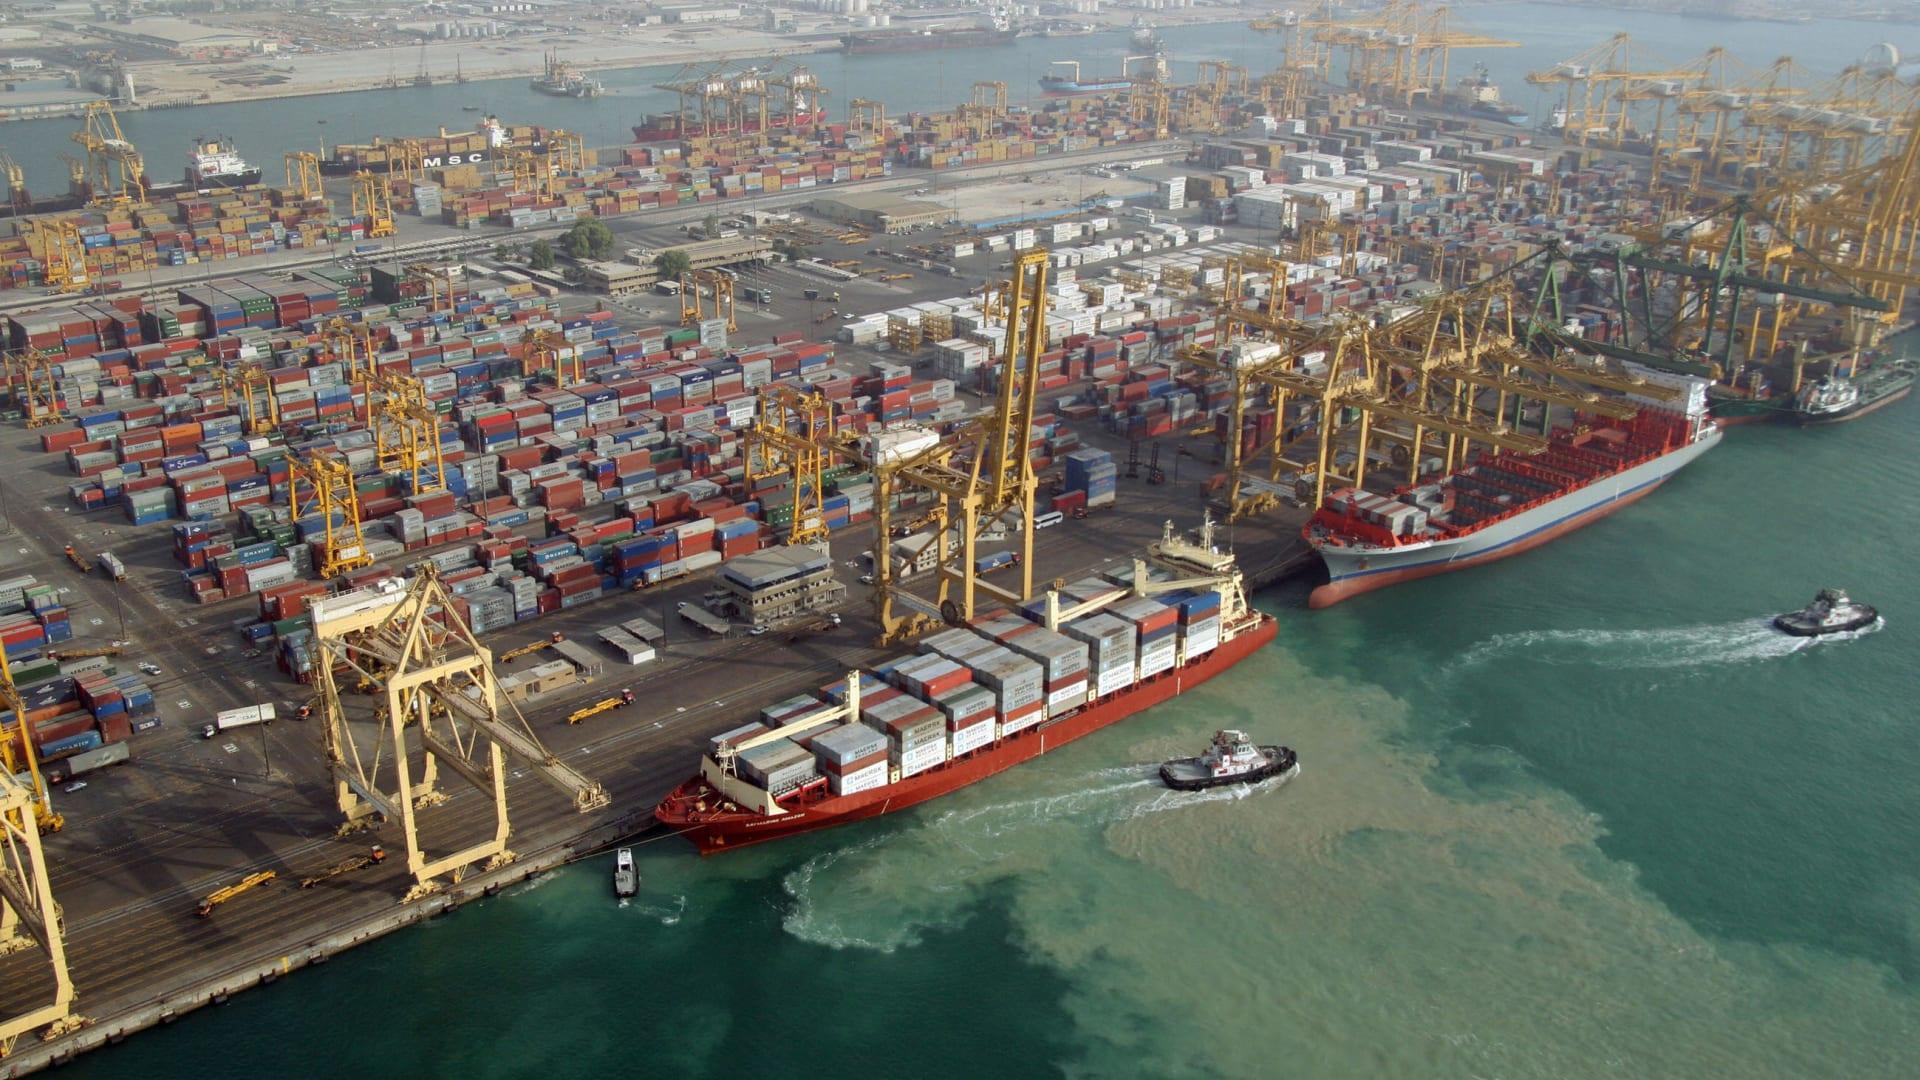 مسؤول في حكومة دبي: لا إصابات.. وسنجري تحقيقا في انفجار ميناء جبل علي